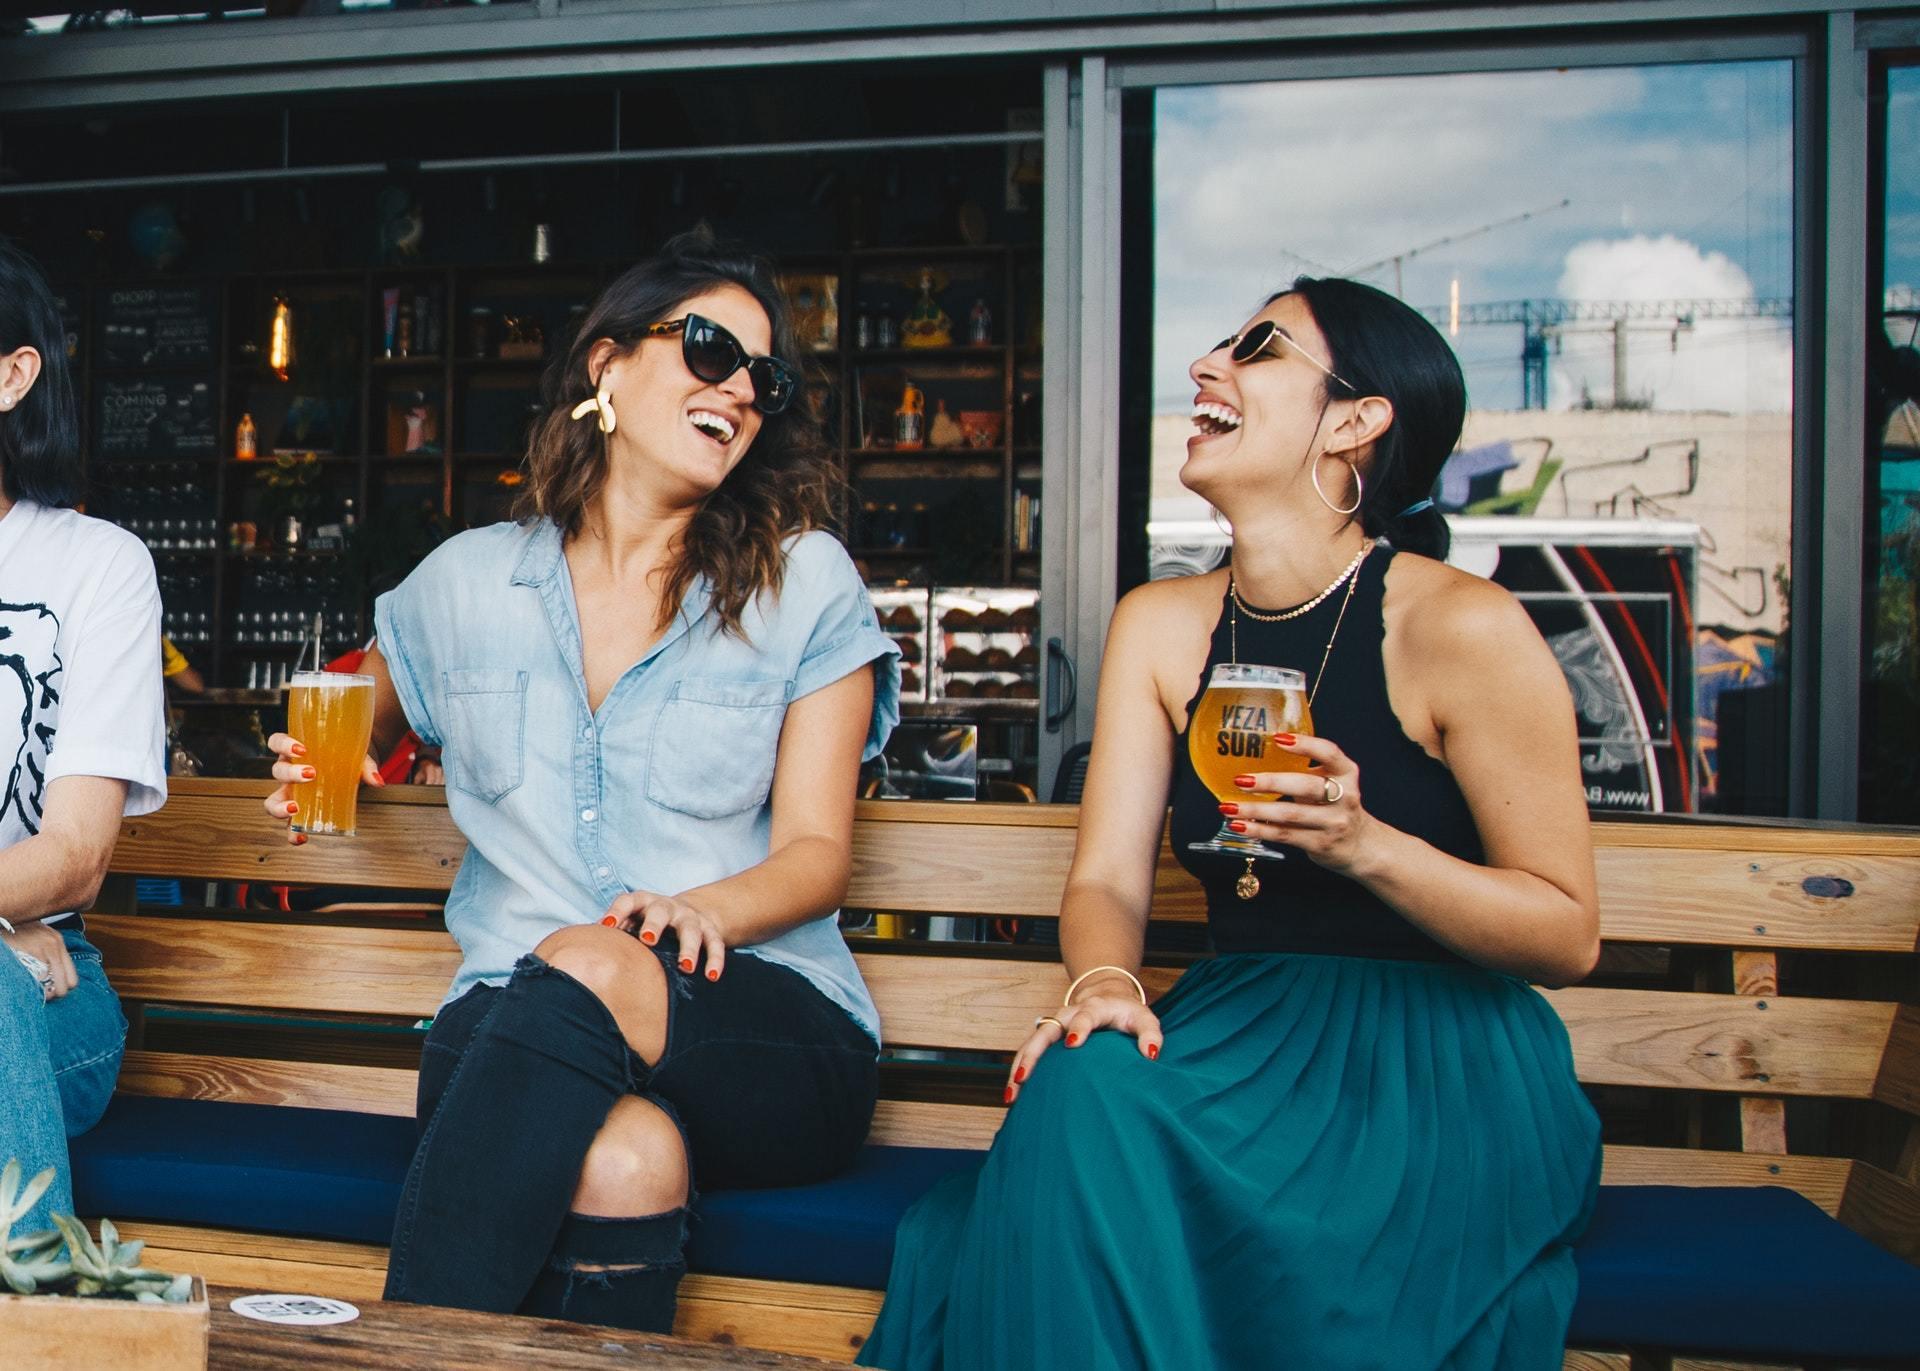 2 girls enjoying drinking alcohol moderately